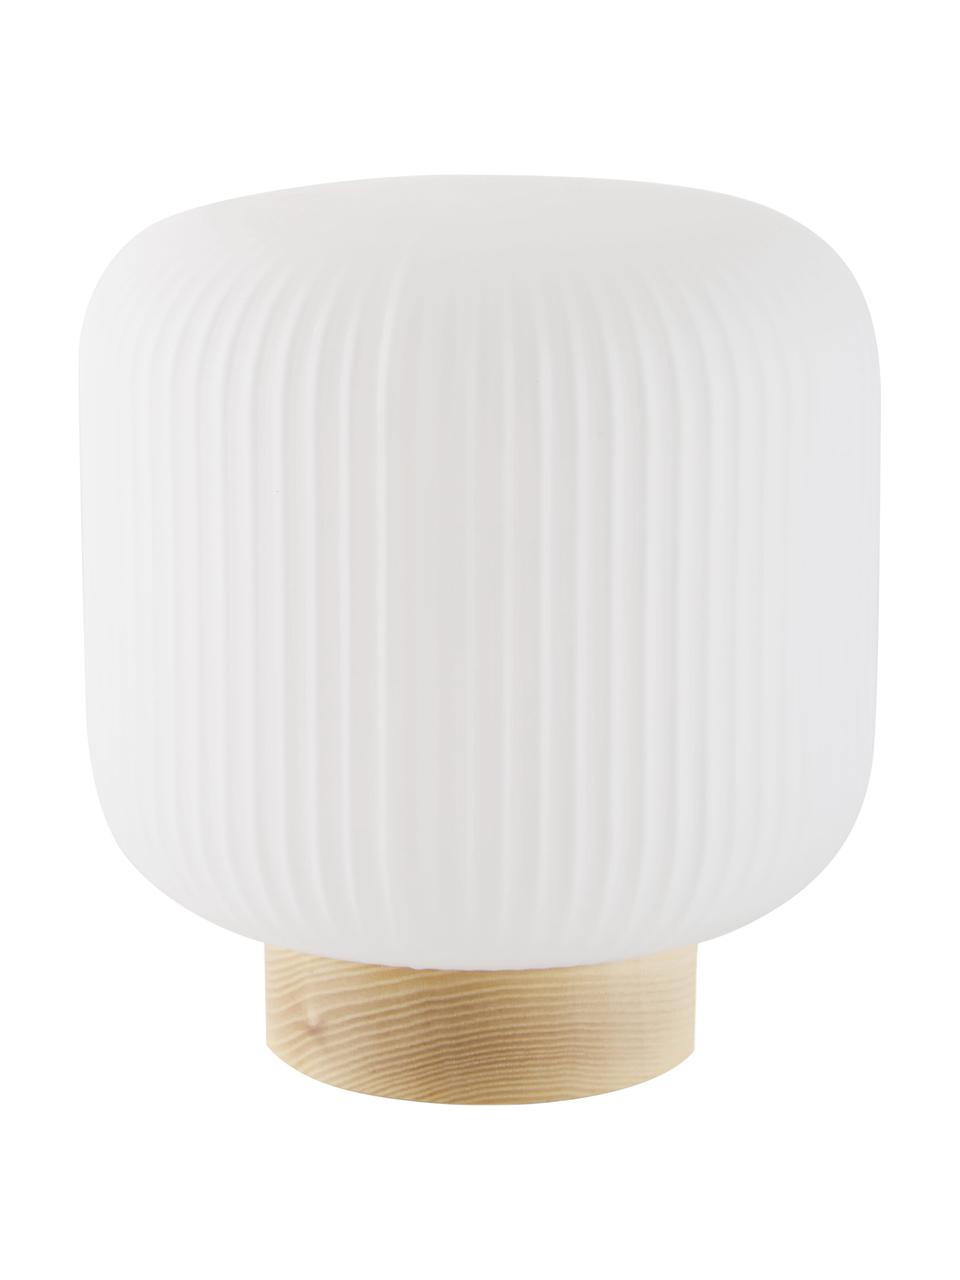 Kleine Nachttischlampe Milford im Skandi-Style, Lampenschirm: Opalglas, Lampenfuß: Holz, Opalweiß, Holz, Ø 20 x H 21 cm